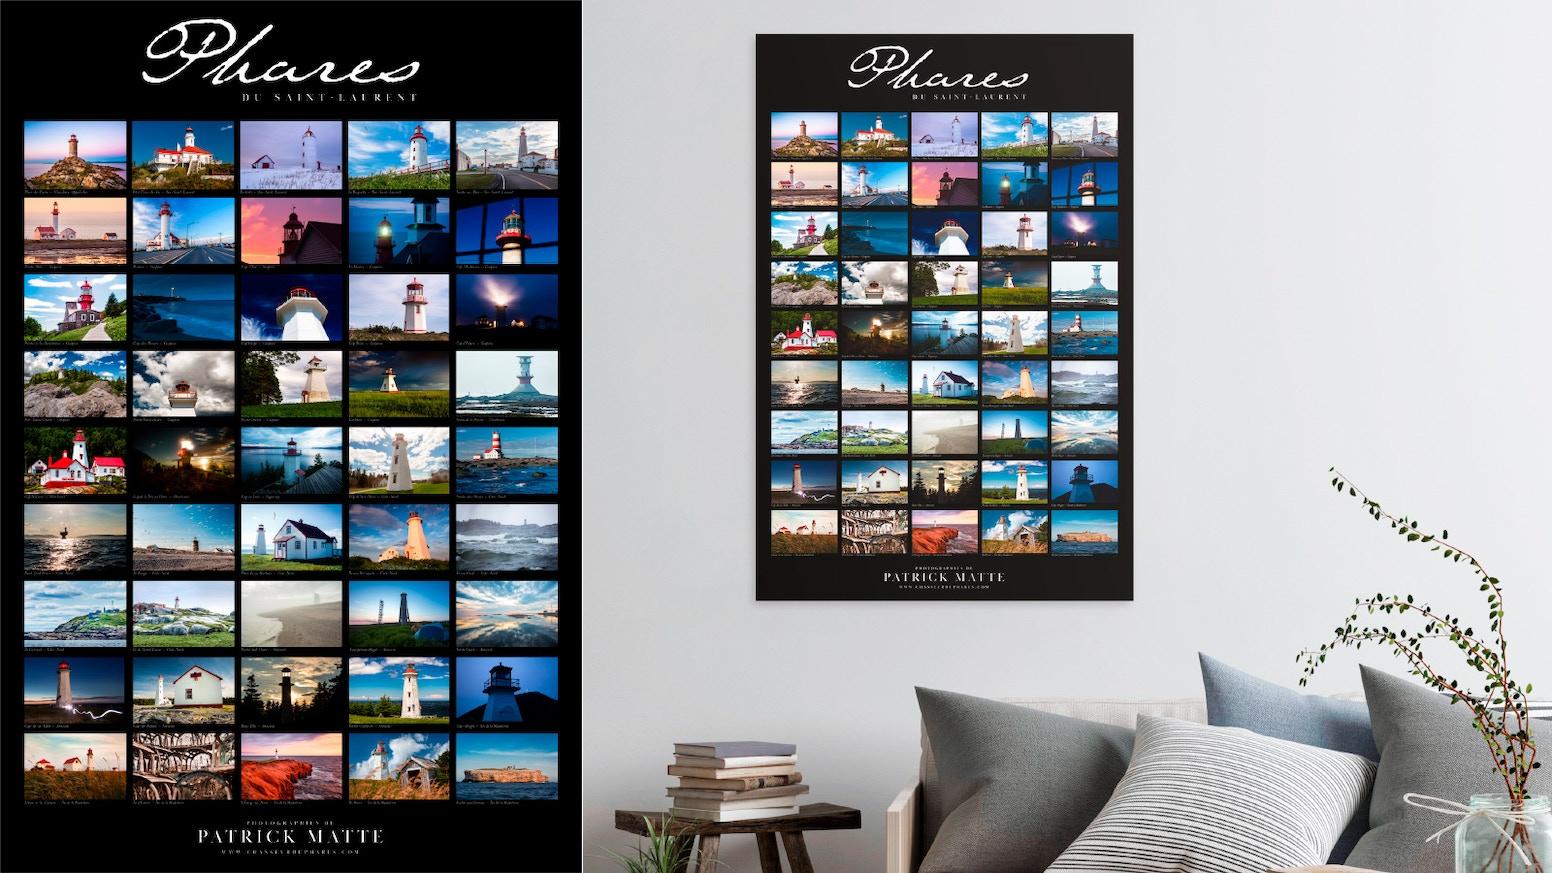 Une affiche regroupant les photographies des 45 phares de l'estuaire et du golfe du Saint-Laurent par le photographe Patrick Matte.